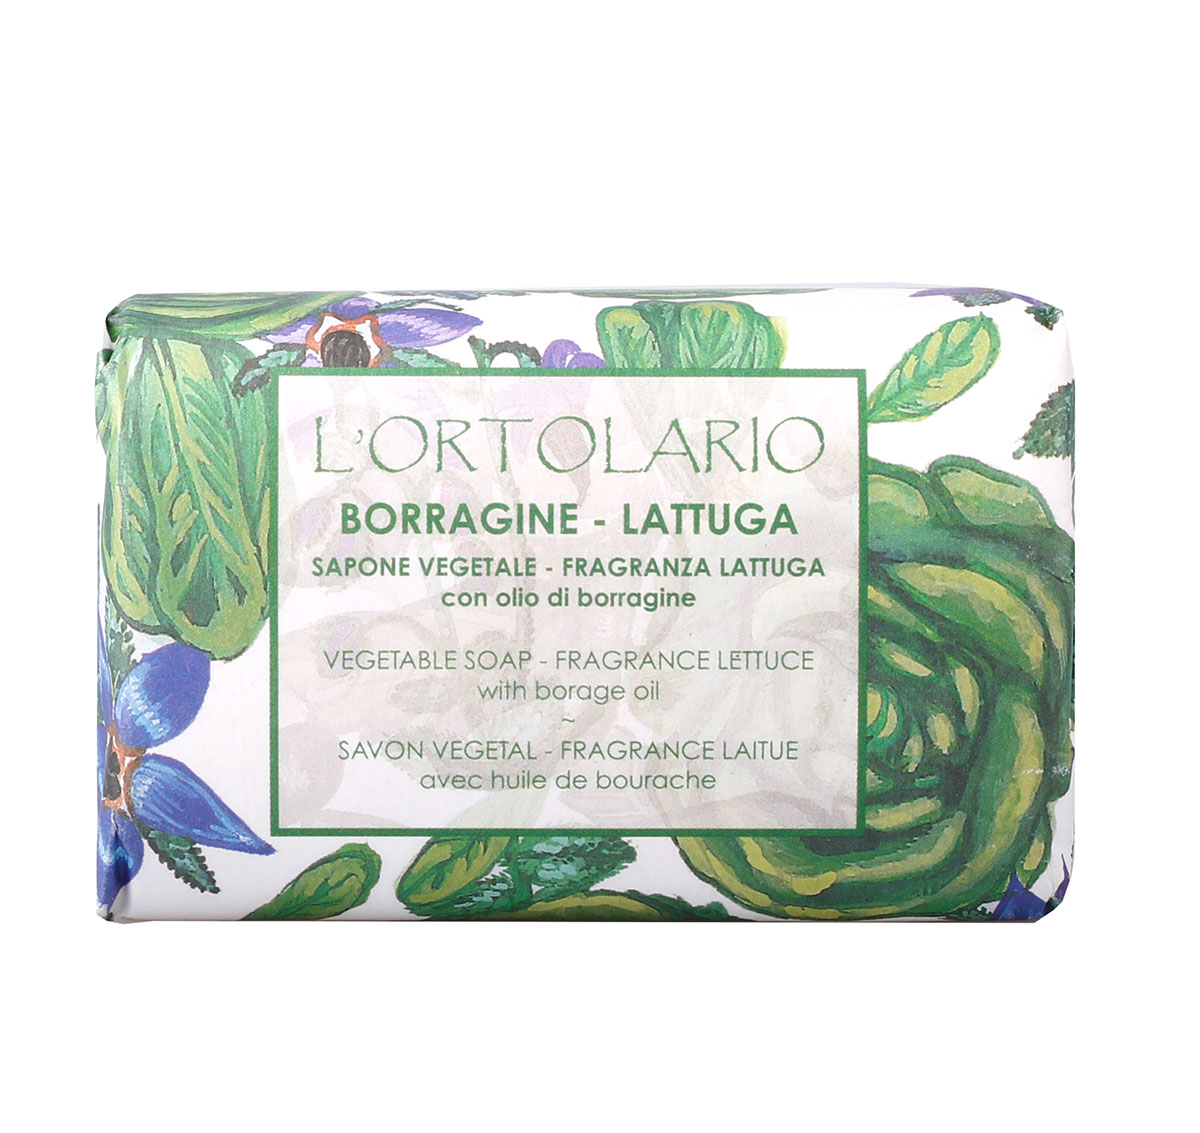 Iteritalia Мыло натуральное с ароматом латука и маслом бурачника, 150 г1080126Натуральное косметическое мыло ,изготовленное в соответствии с античными традициями мастеров Саронно.Содержит масло бурачника,которое обладает смягчающими и питательными свойствами. Для всех типов кожи,в том числе для сухой и чувствительной.